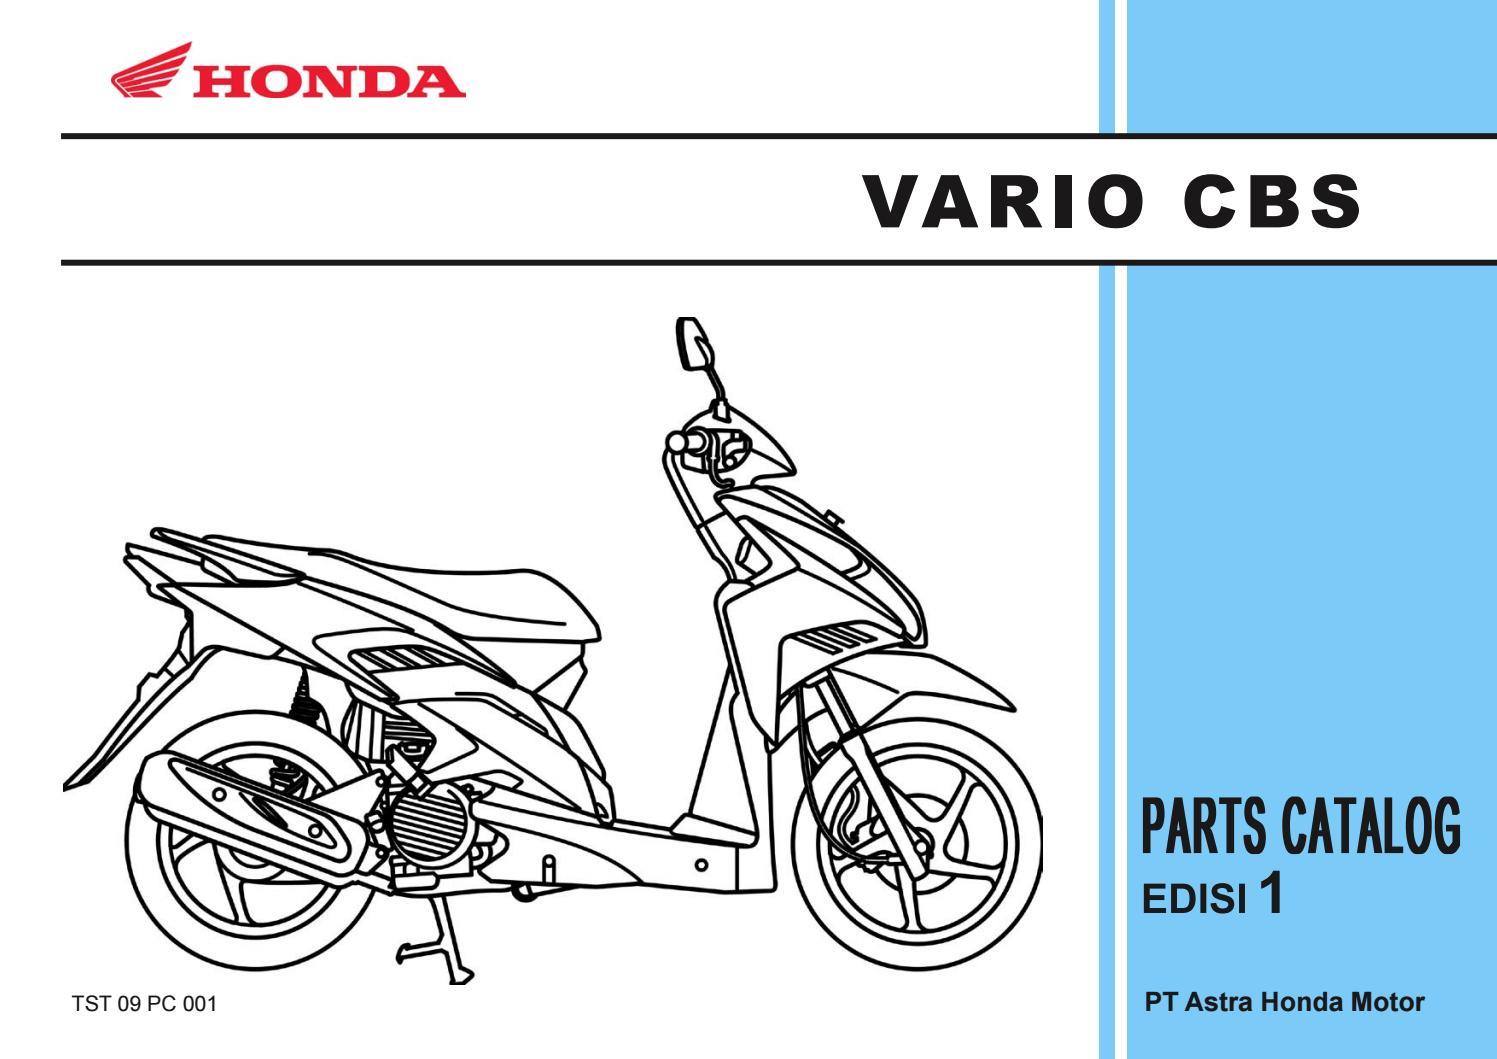 Part Catalog Honda Vario By Ahass Tunasjaya Issuu Emblem Body 150 Set Techno 110 Cbs